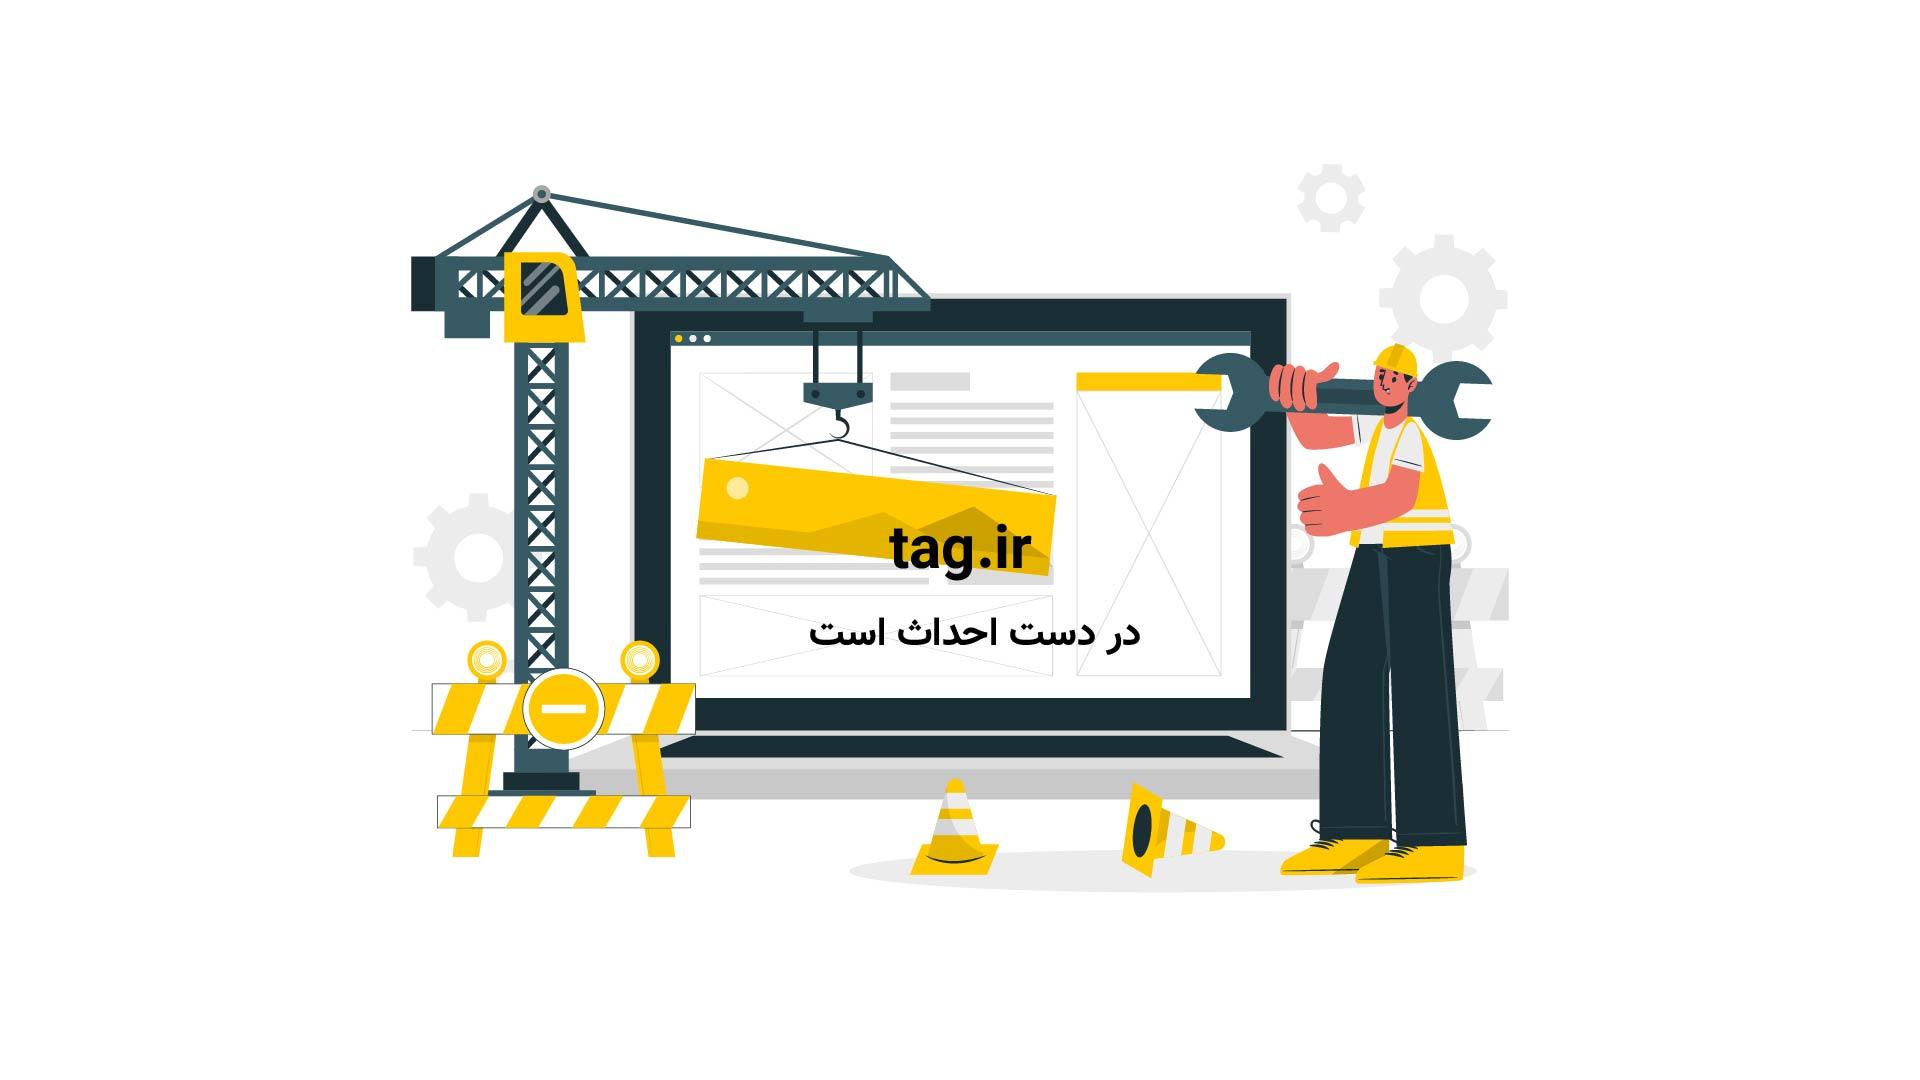 آموزش درست کردن چیز کیک هندوانه ؛ ویژه شب یلدا | فیلم